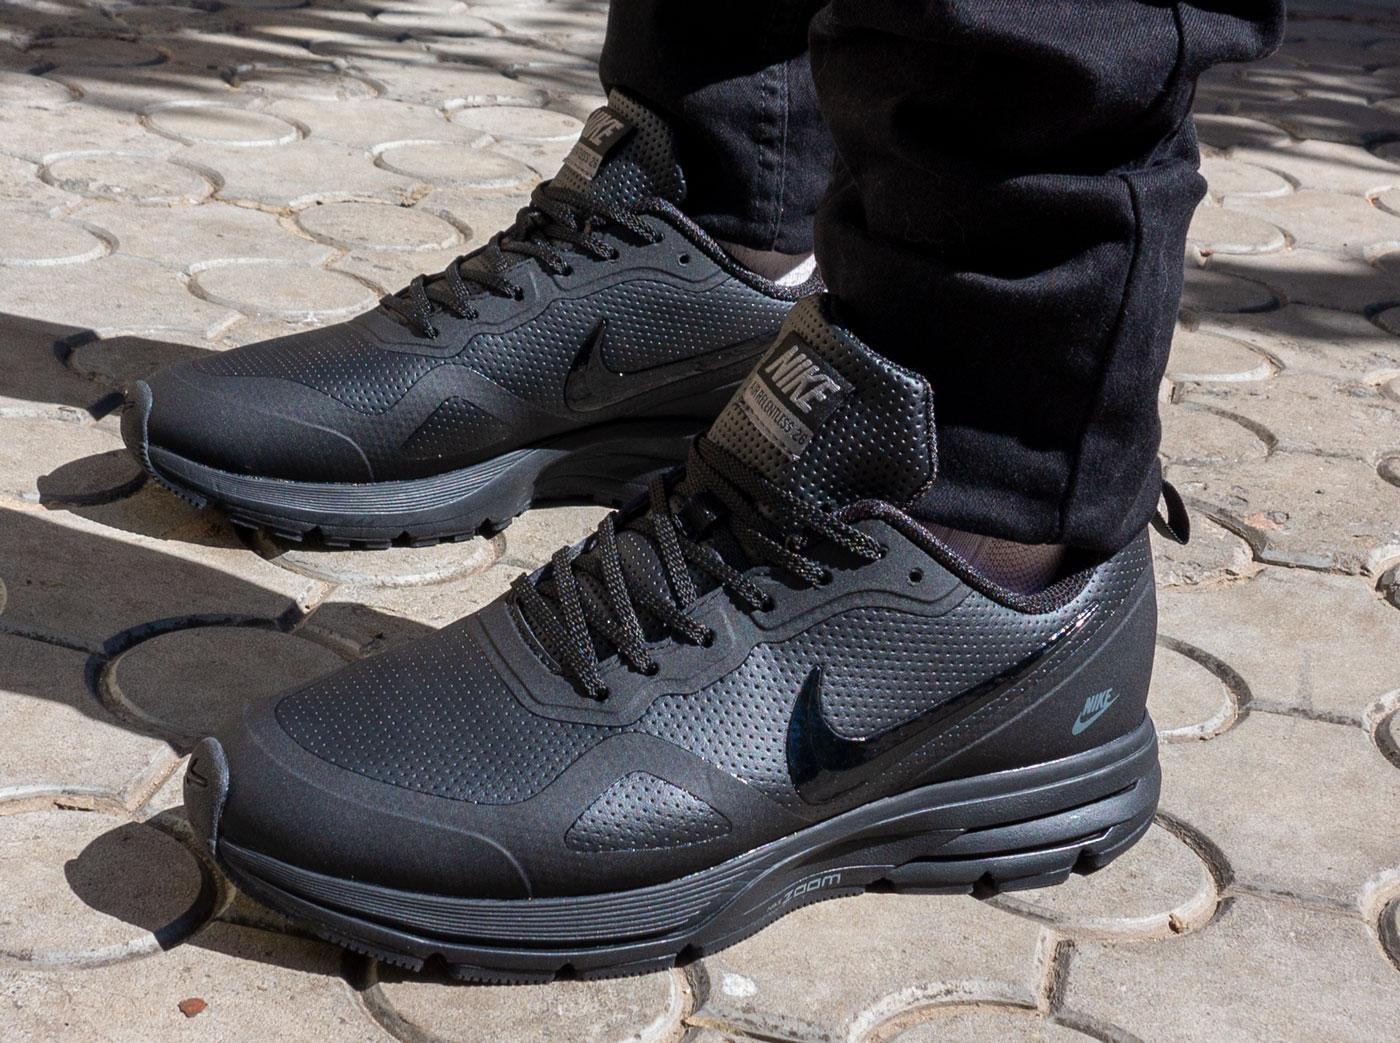 фото - Мужские осенние черные кроссовки Nike Air Pegasus +30X - Топ качество! на ноге.